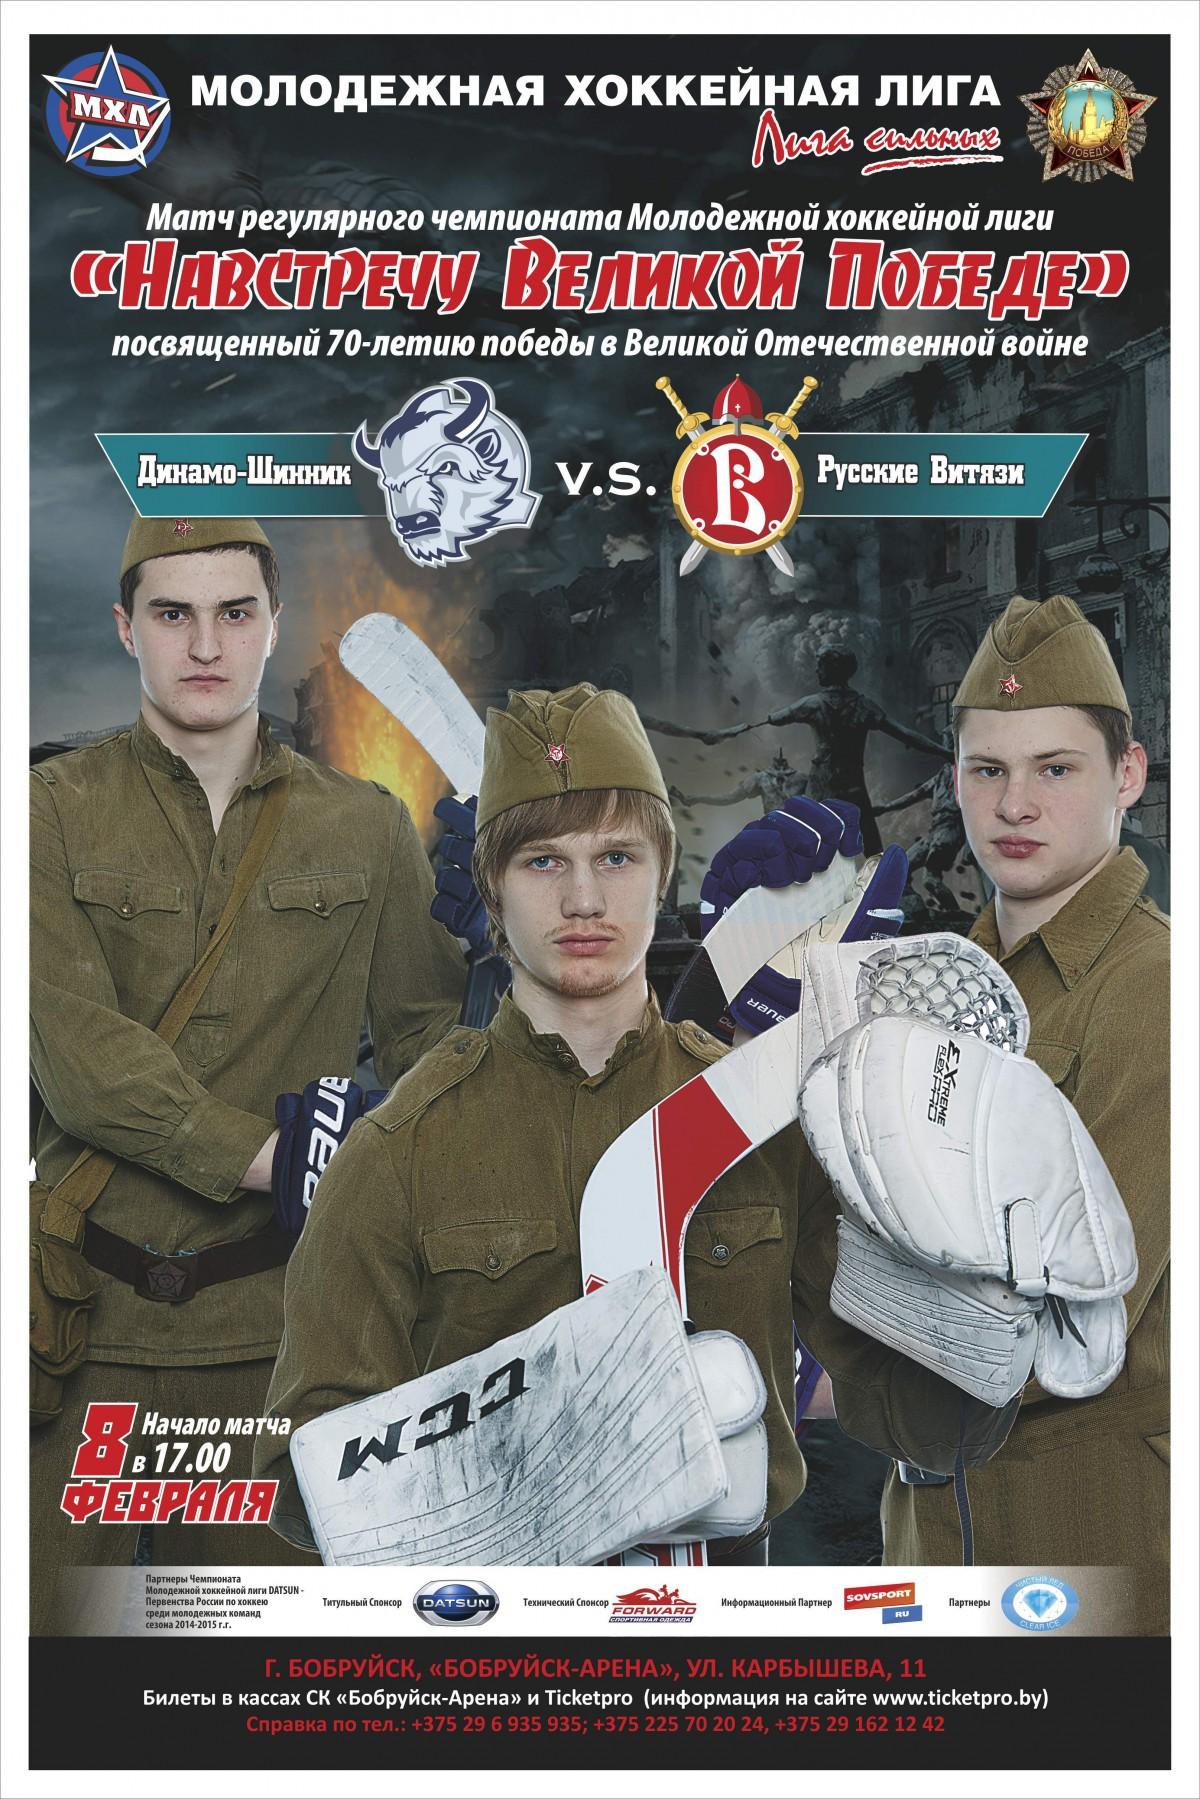 Приглашаем бобруйчан на открытие хоккейной эстафеты МХЛ «Навстречу Великой Победе»